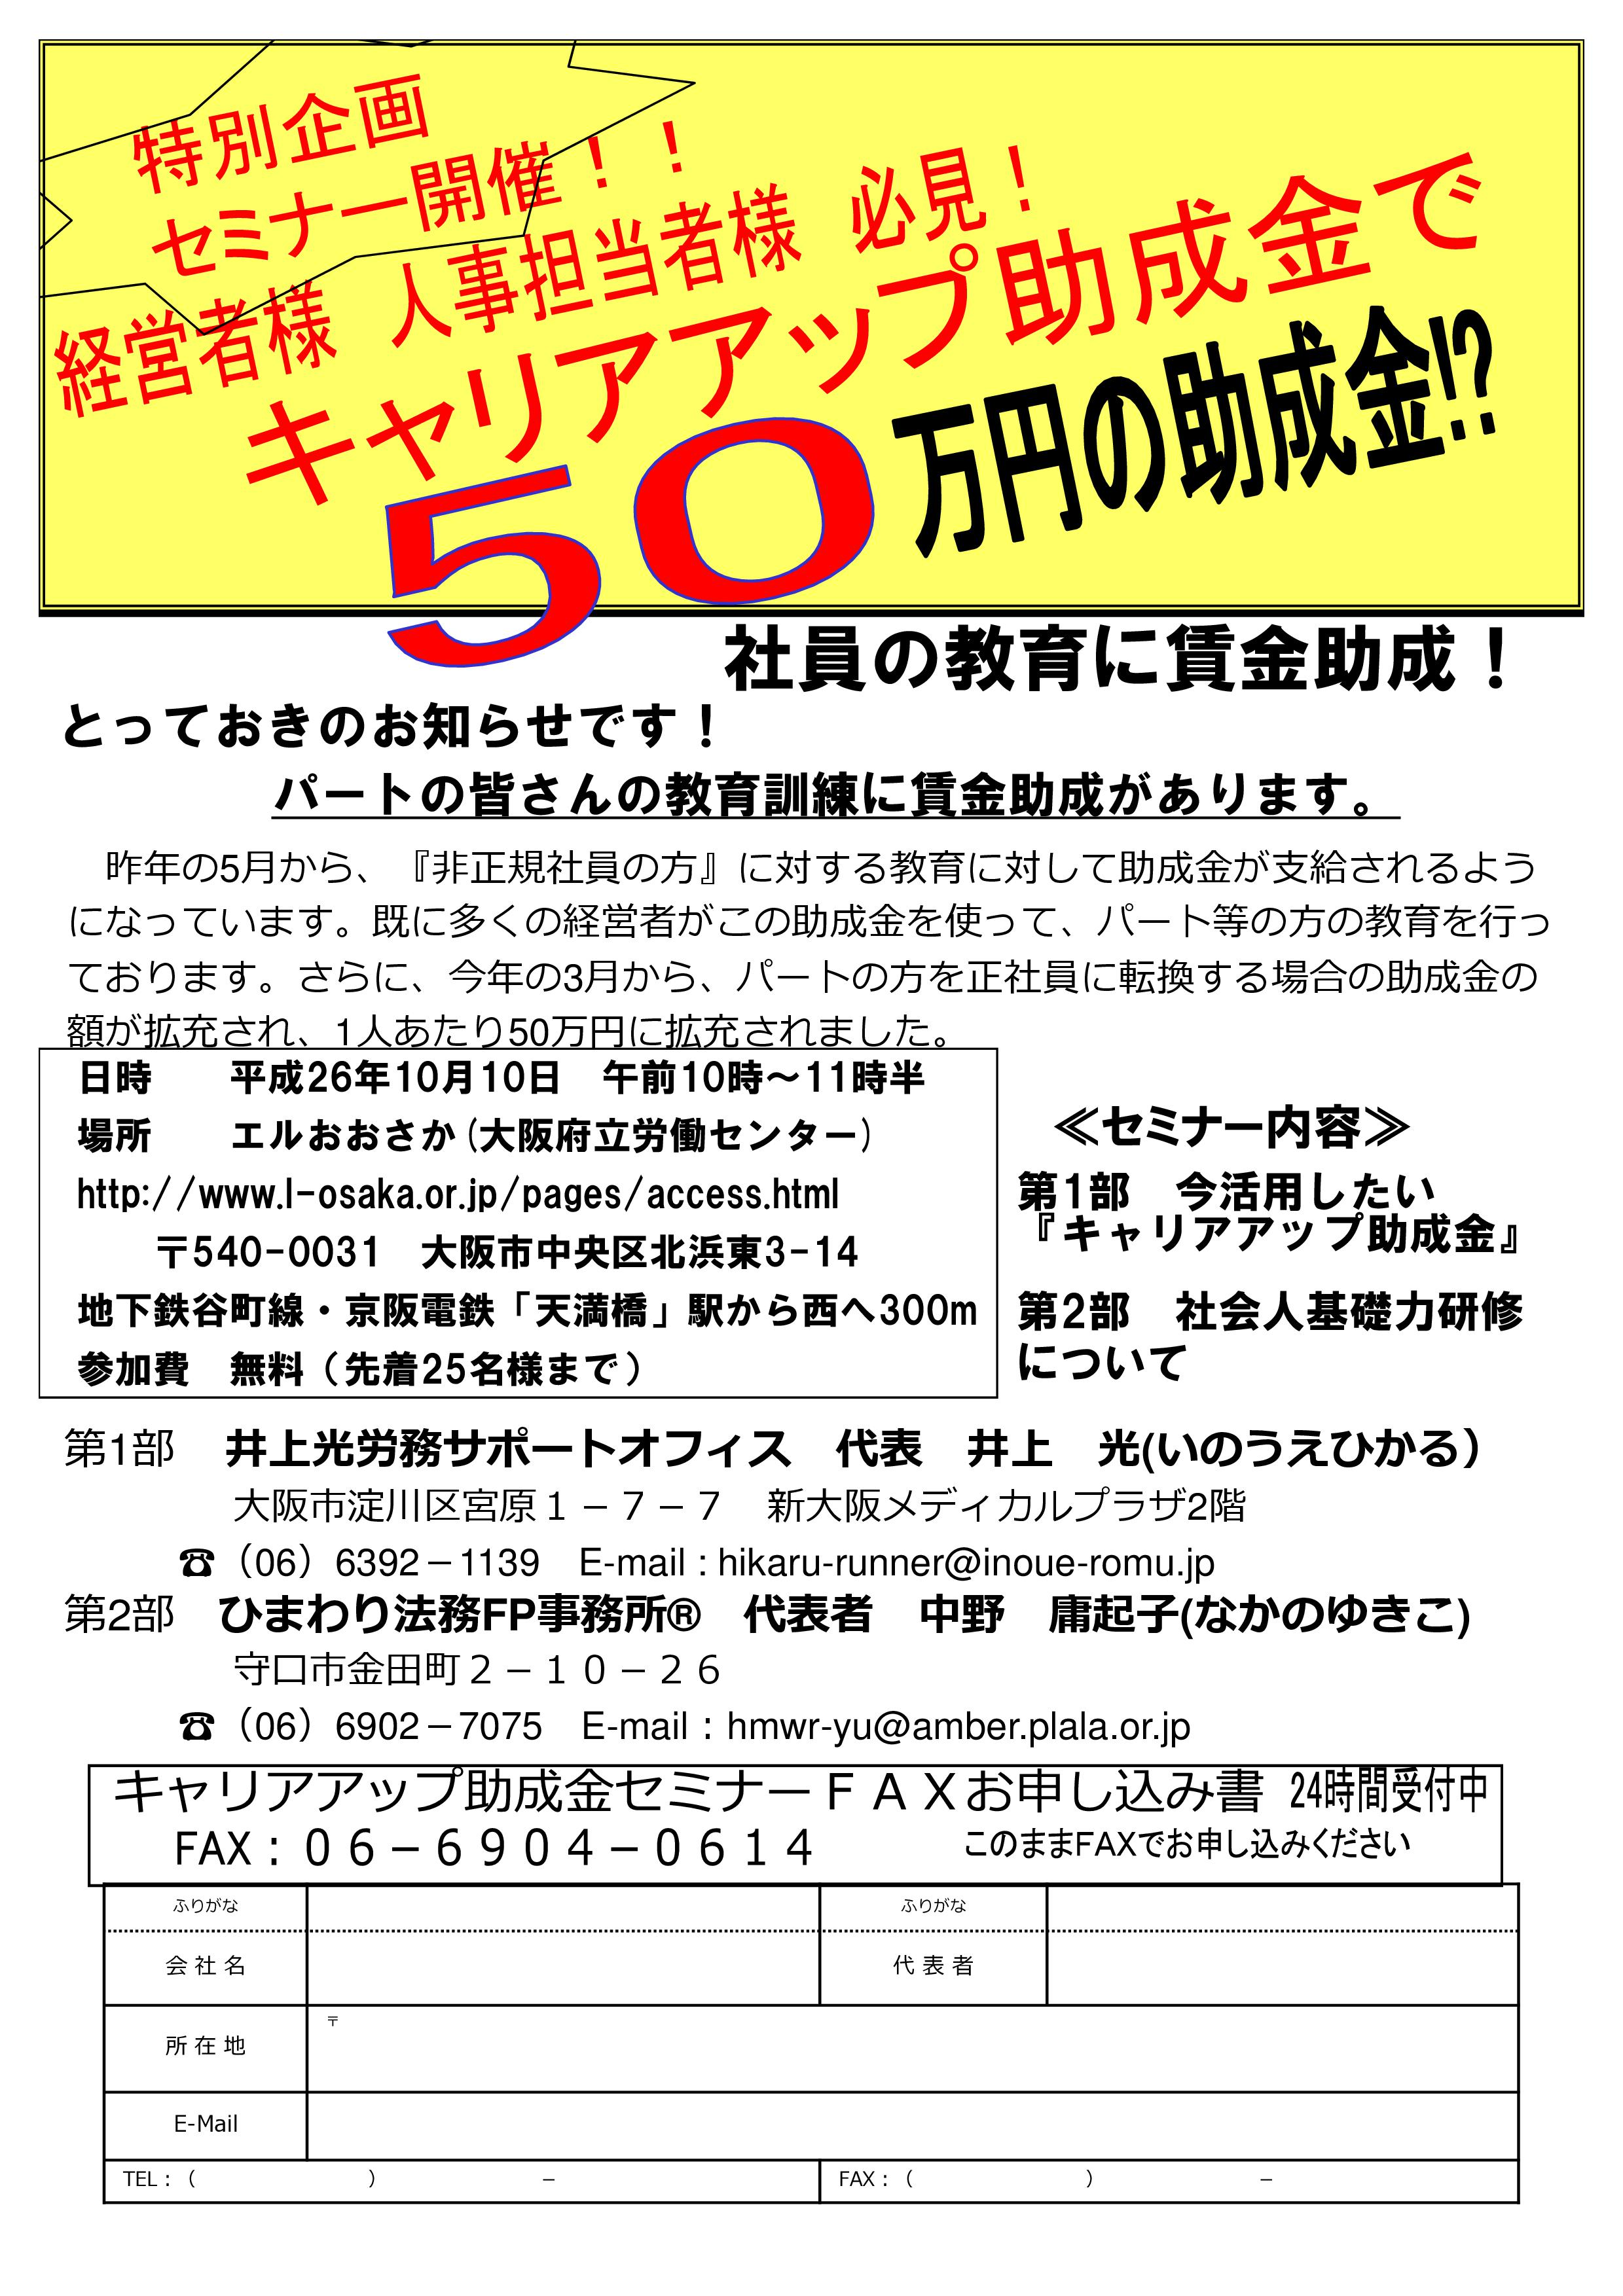 キャリアアップ助成金と社会人研修マッチングセミナー チラシ26.10.10.jpg